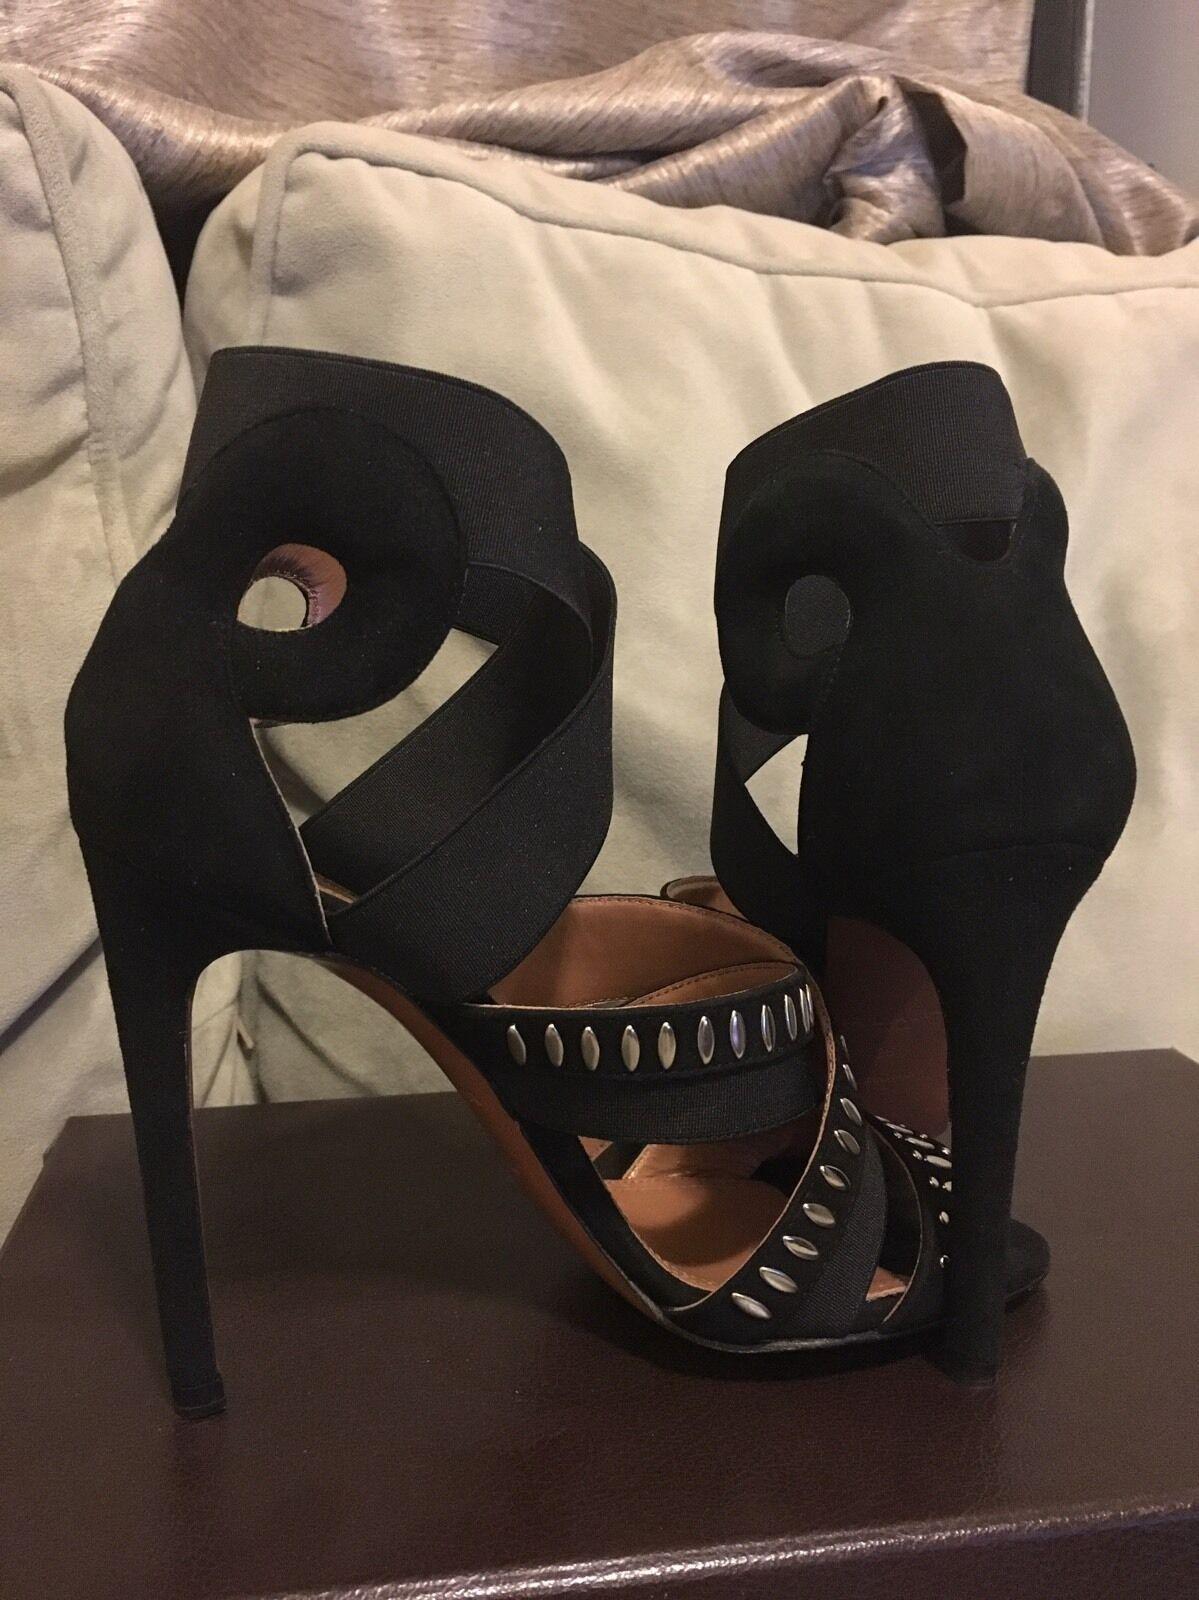 il miglior servizio post-vendita Alaia  nero Suede And And And Embellished Sandal Dimensione 36  presentando tutte le ultime tendenze della moda